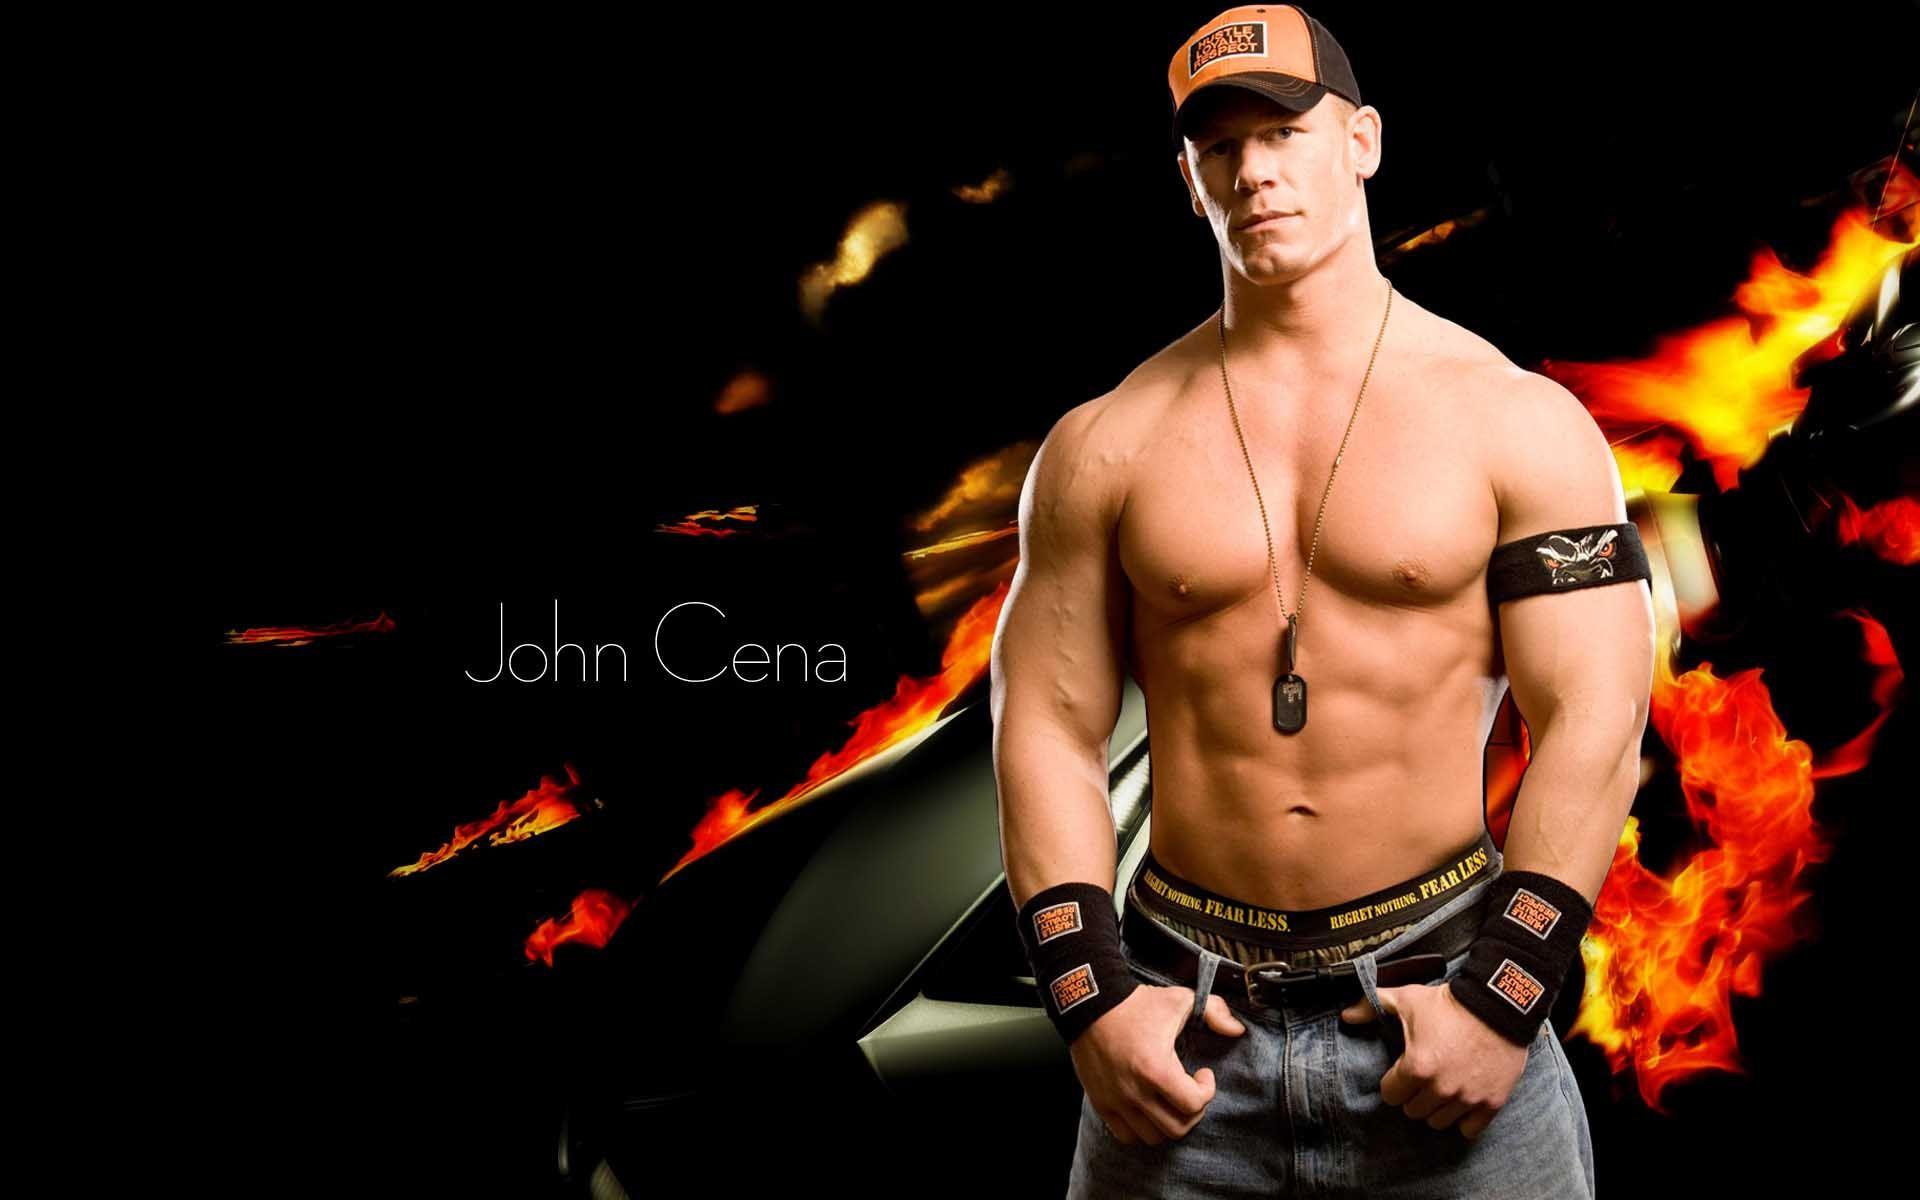 John Cena Wwe Fighter Wrestler United States For More Www Alliswall Com Wwe Superstar John Cena Wwe Superstars John Cena